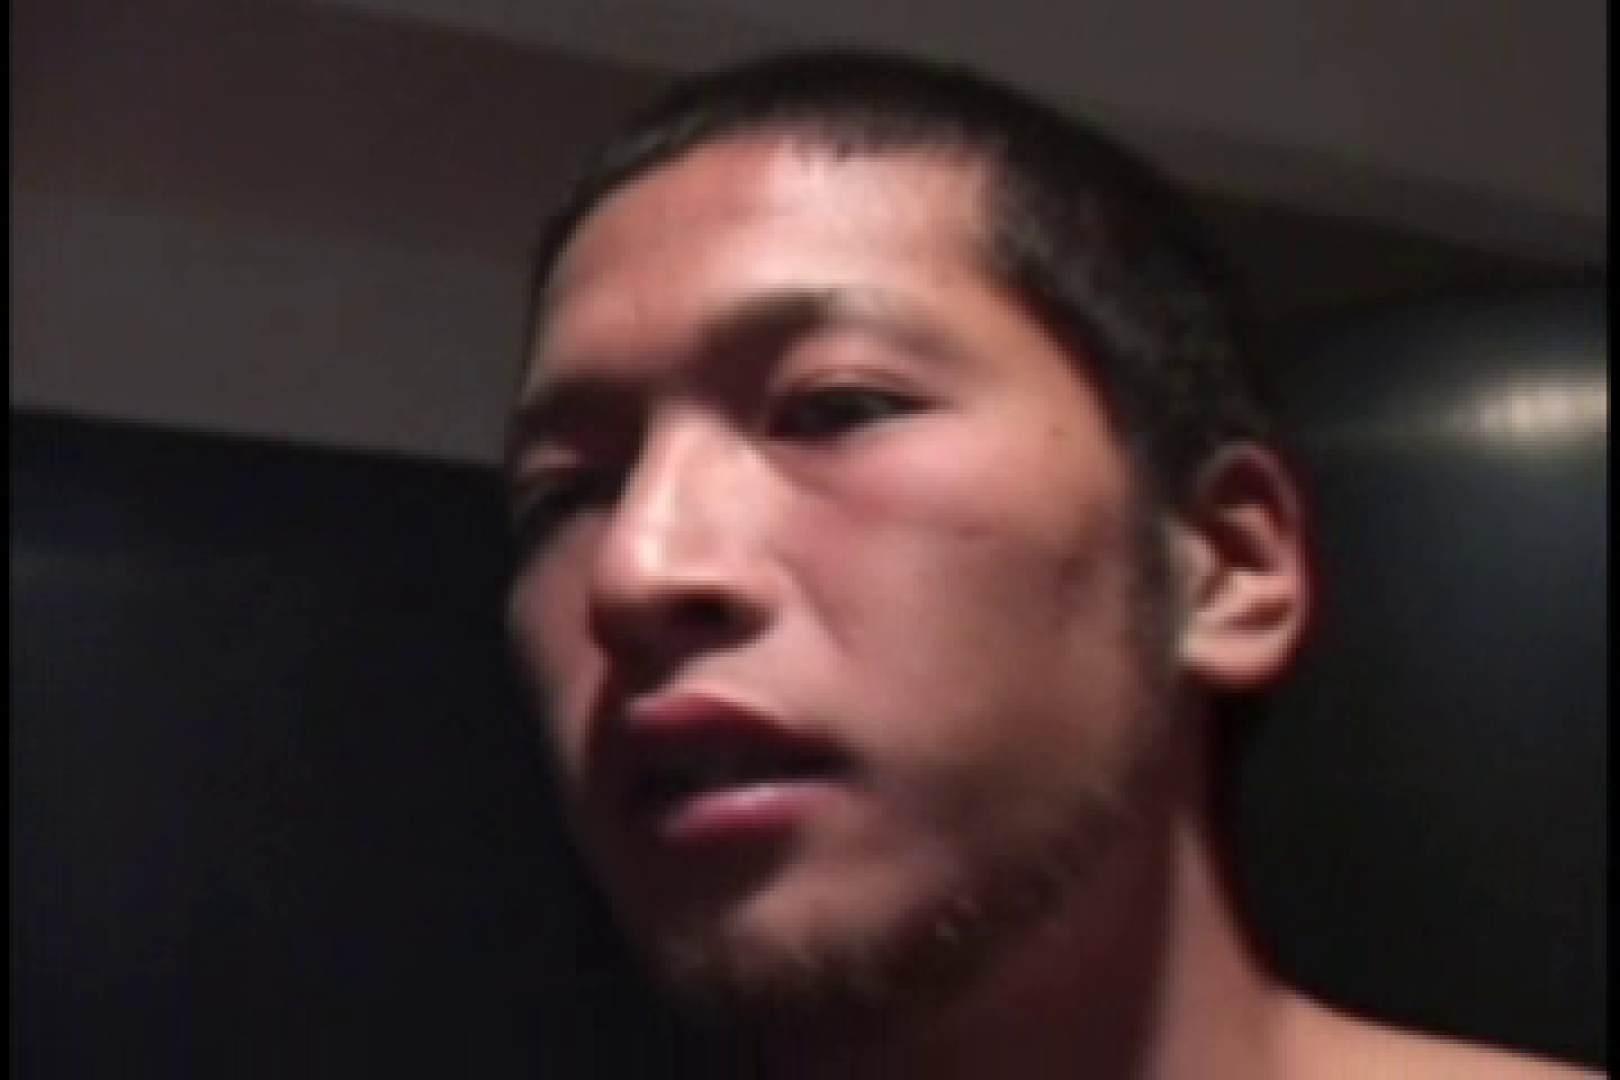 スリ筋!!スポメンのDANKON最高!!take.05 射精動画 | ノンケパラダイス GAY無修正エロ動画 8連発 3